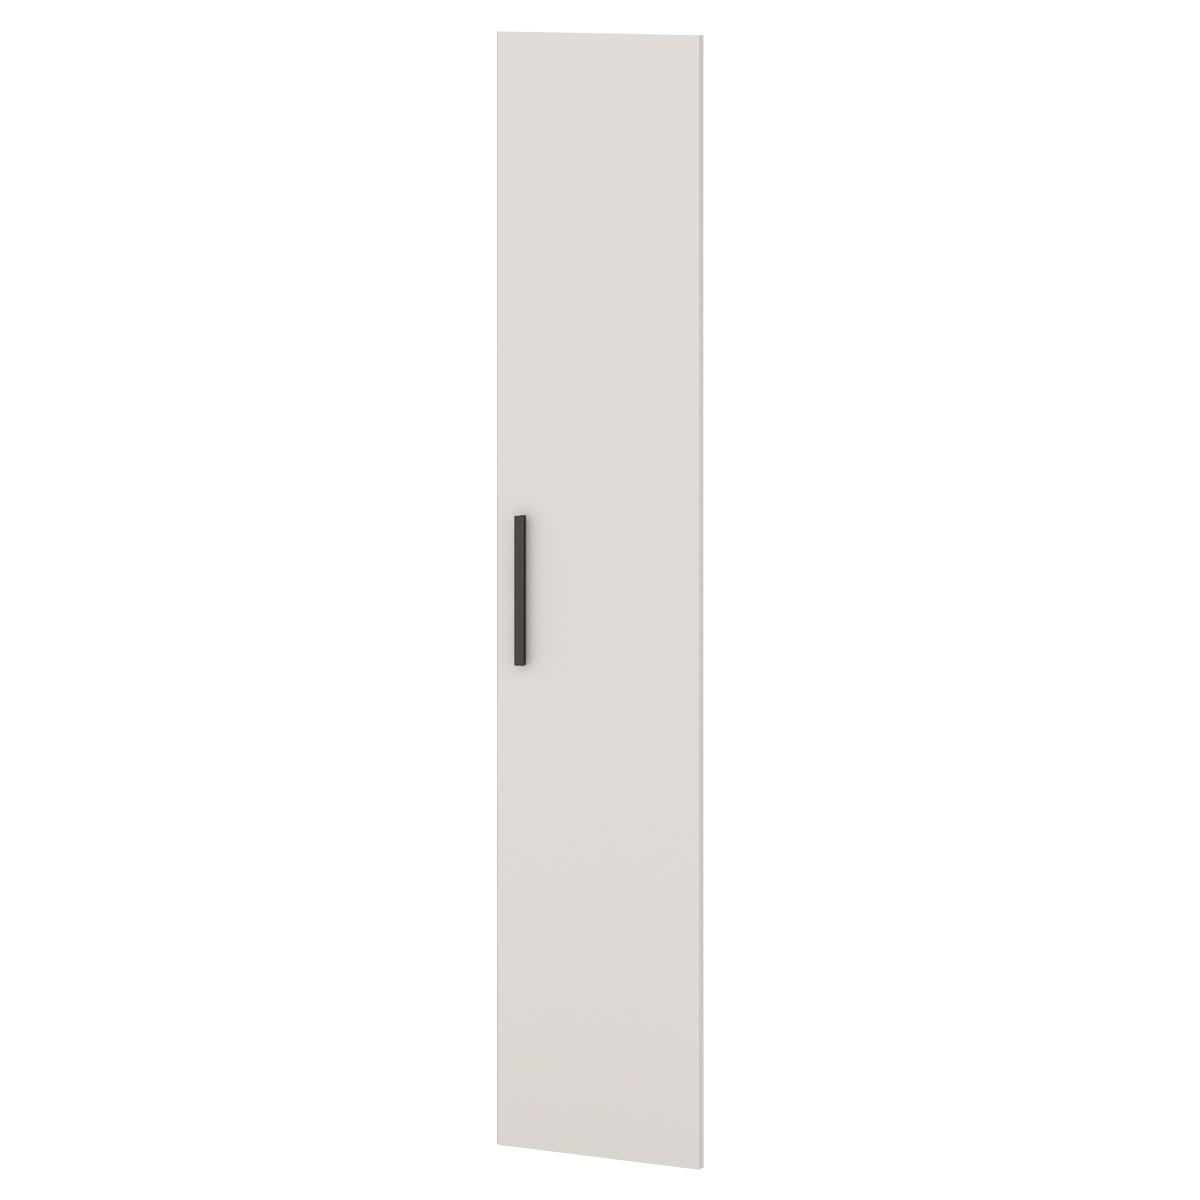 Дверь ЛДСП высокая T-031 Lavana